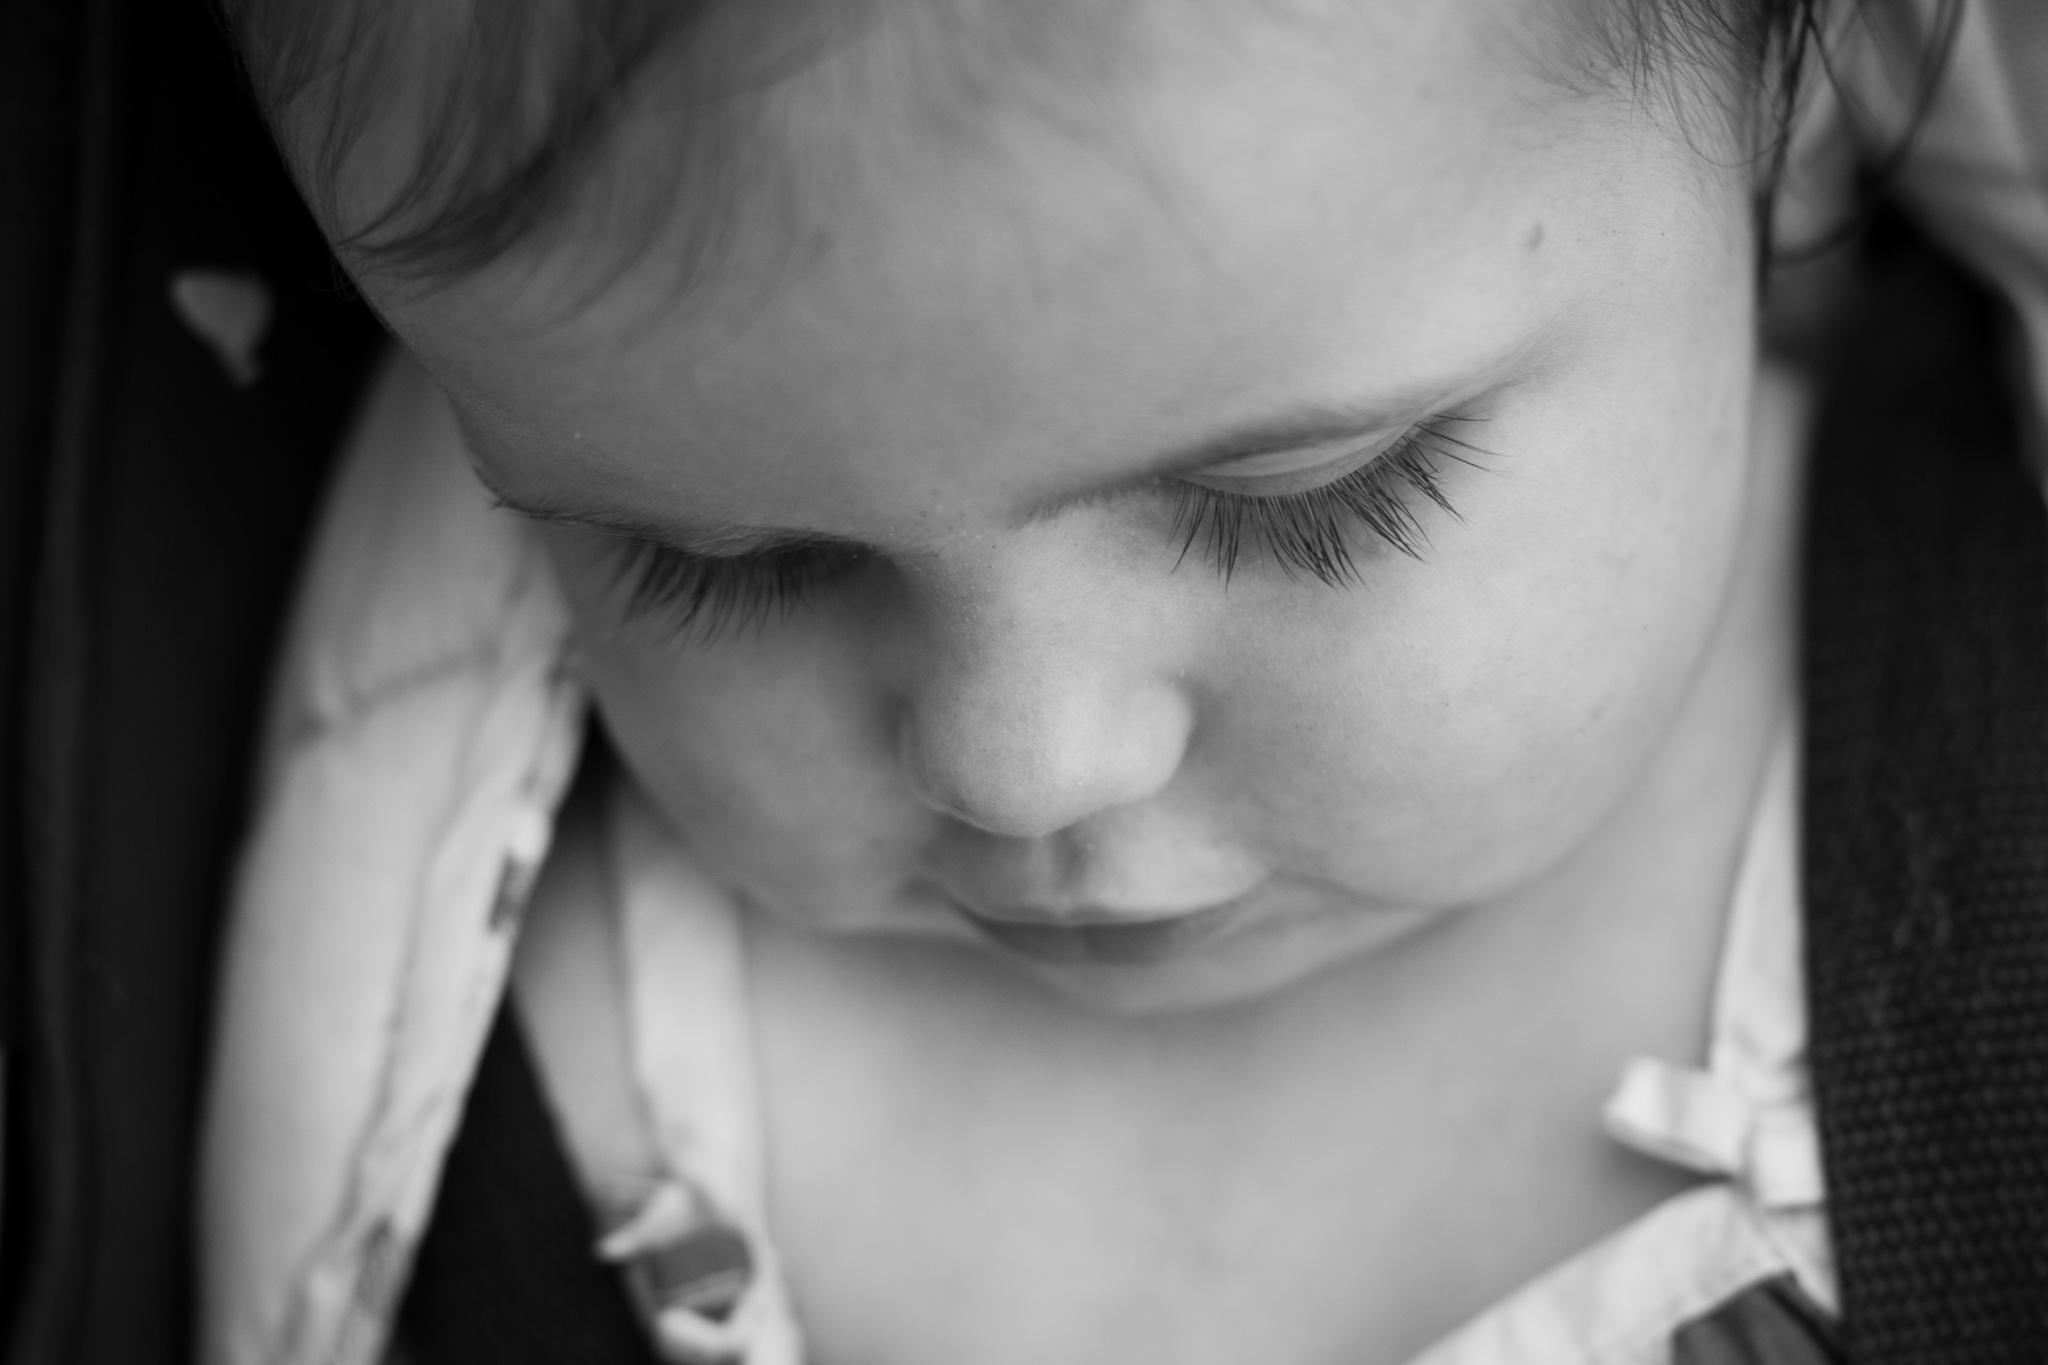 baby eyelashes central coast photographer